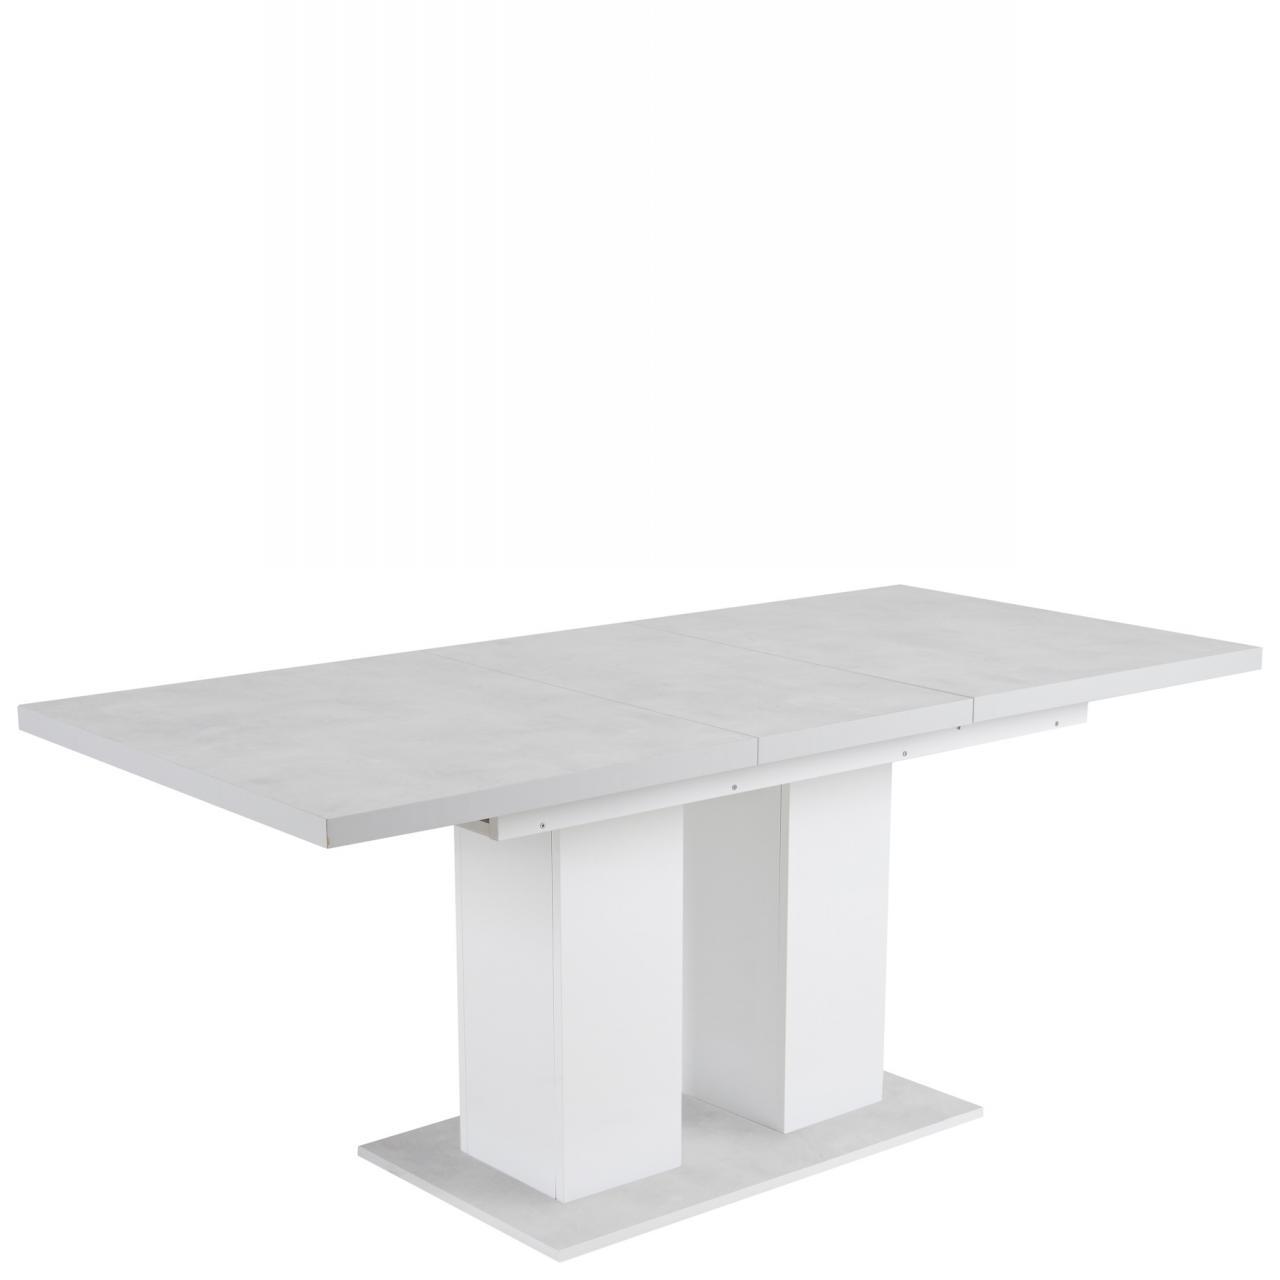 Esstisch Frankfurt Keramik Weiß Ausziegbar Tisch Küchentisch MDF Esszimmertisch